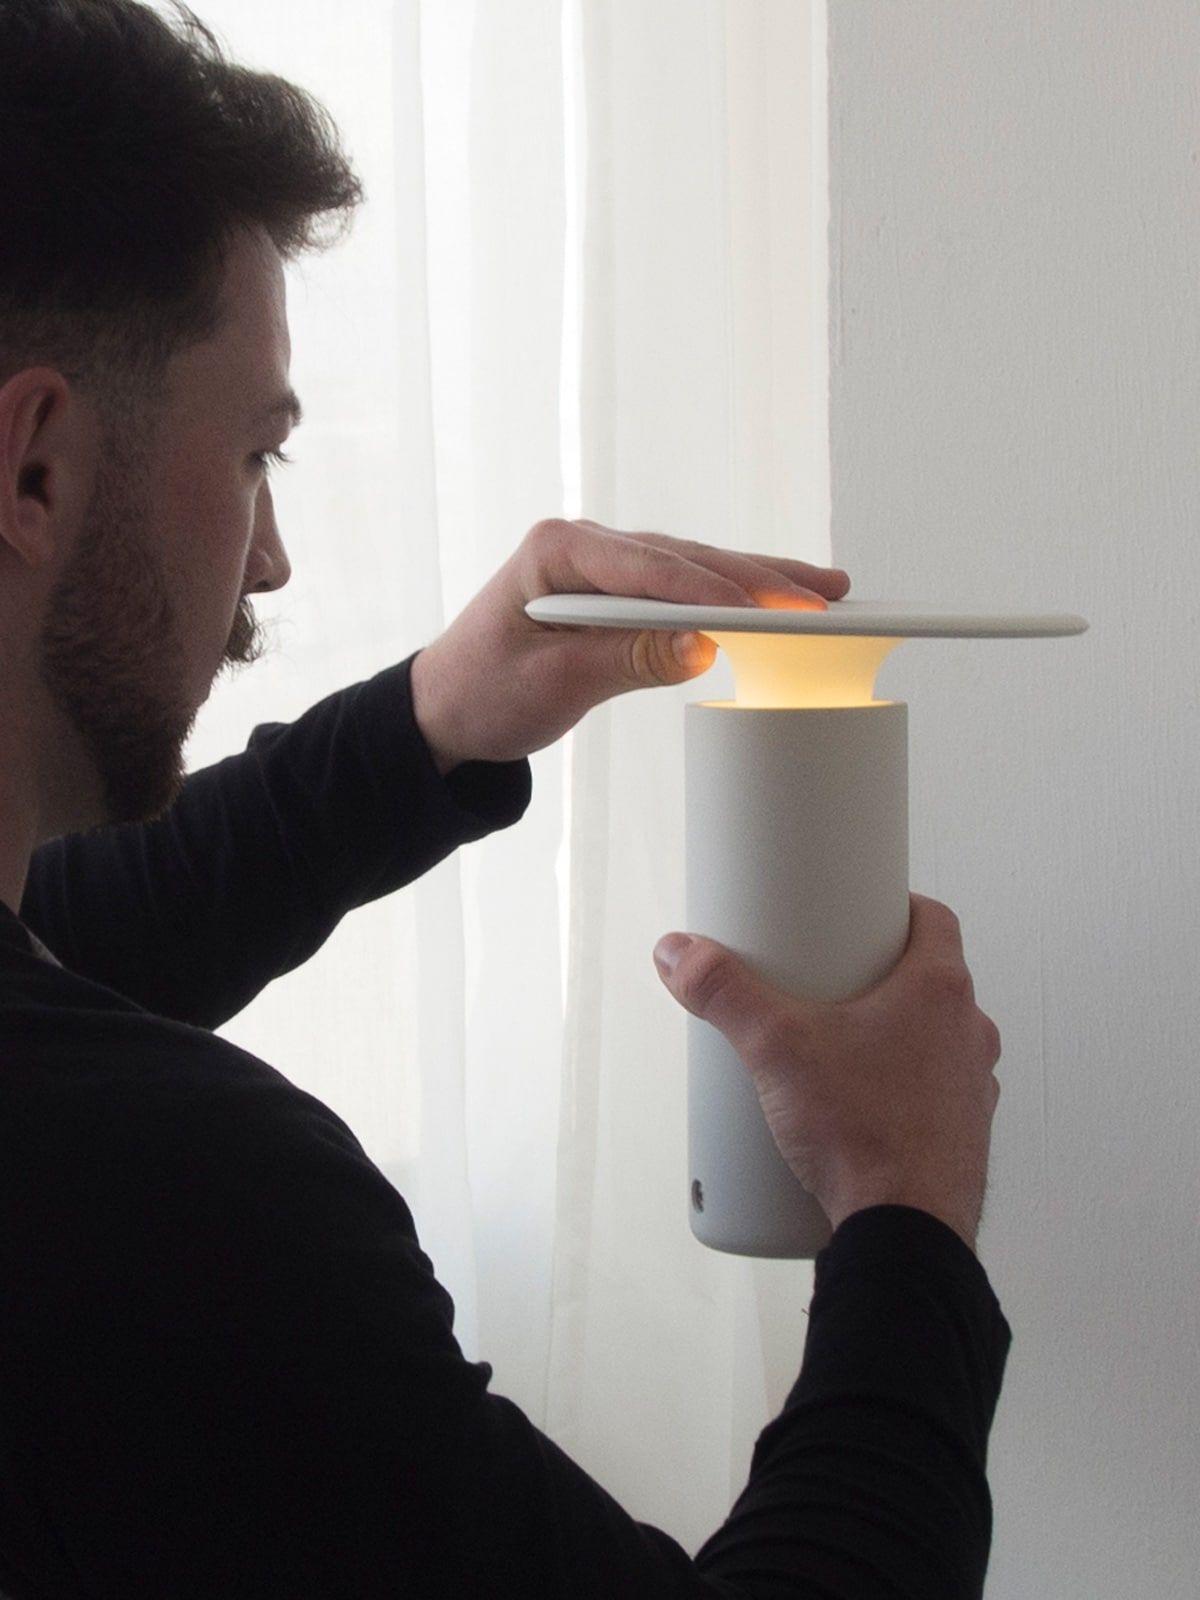 Tragbare Lampen Mit Akku Designort Com Licht In Der Dunkelheit Lampen Lampen Und Leuchten